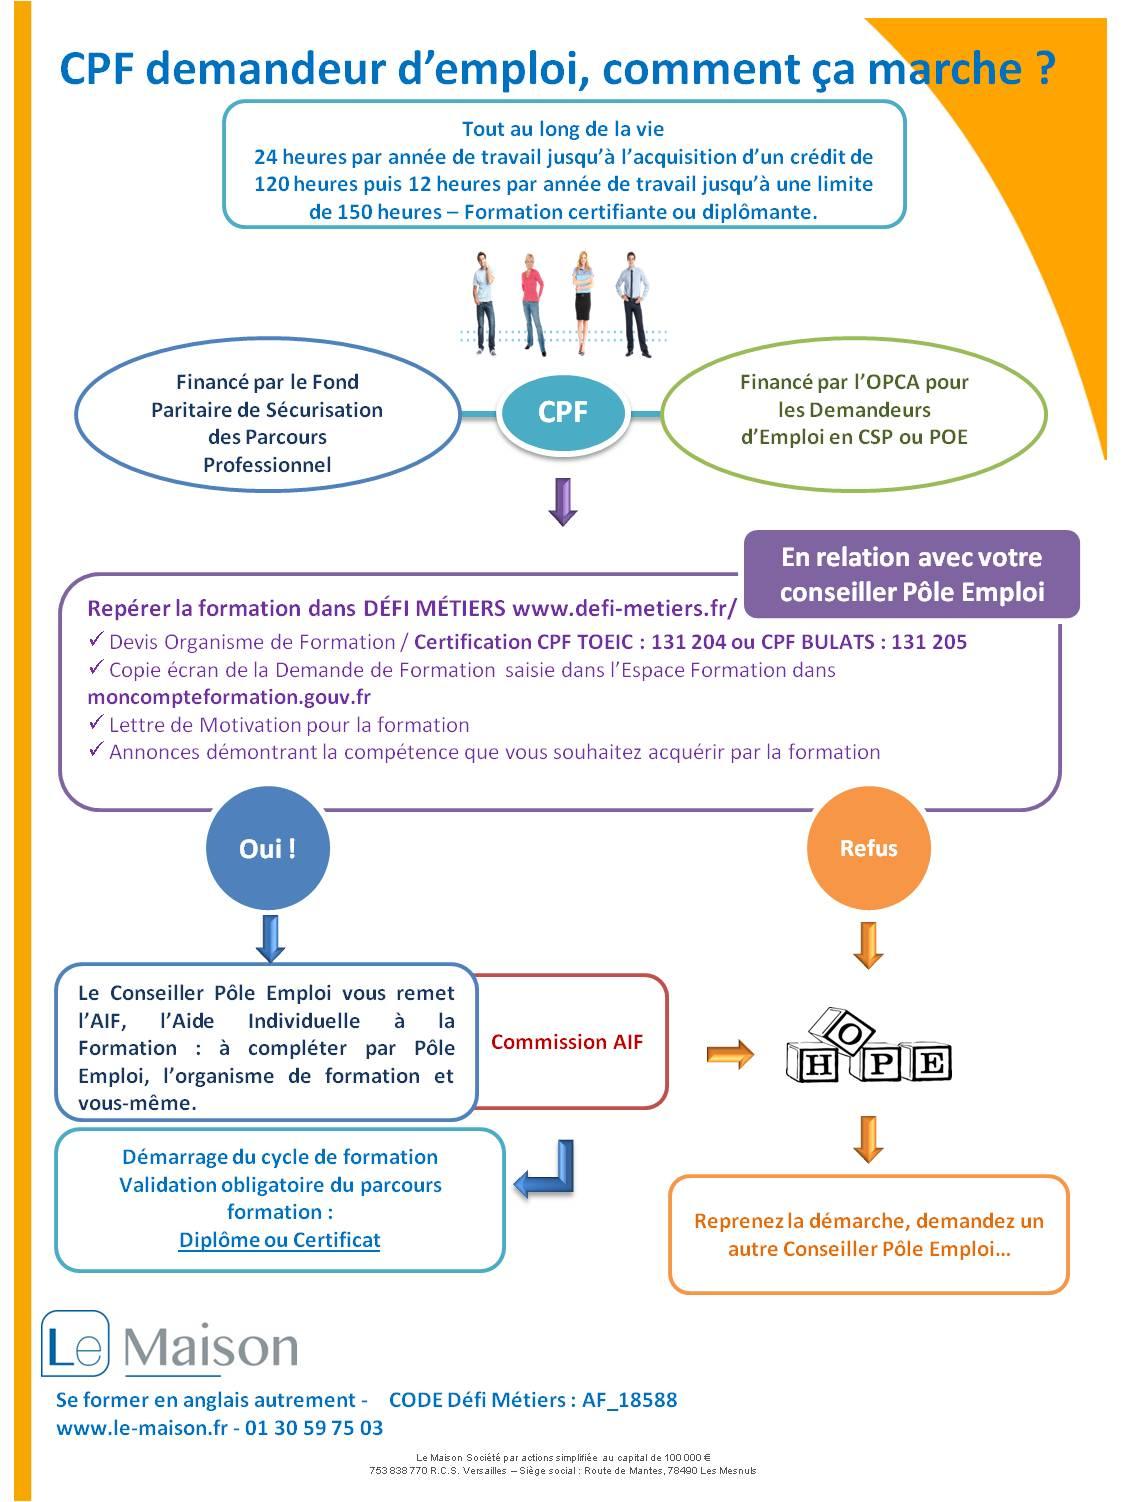 Infographie CPF demandeur d'emploi